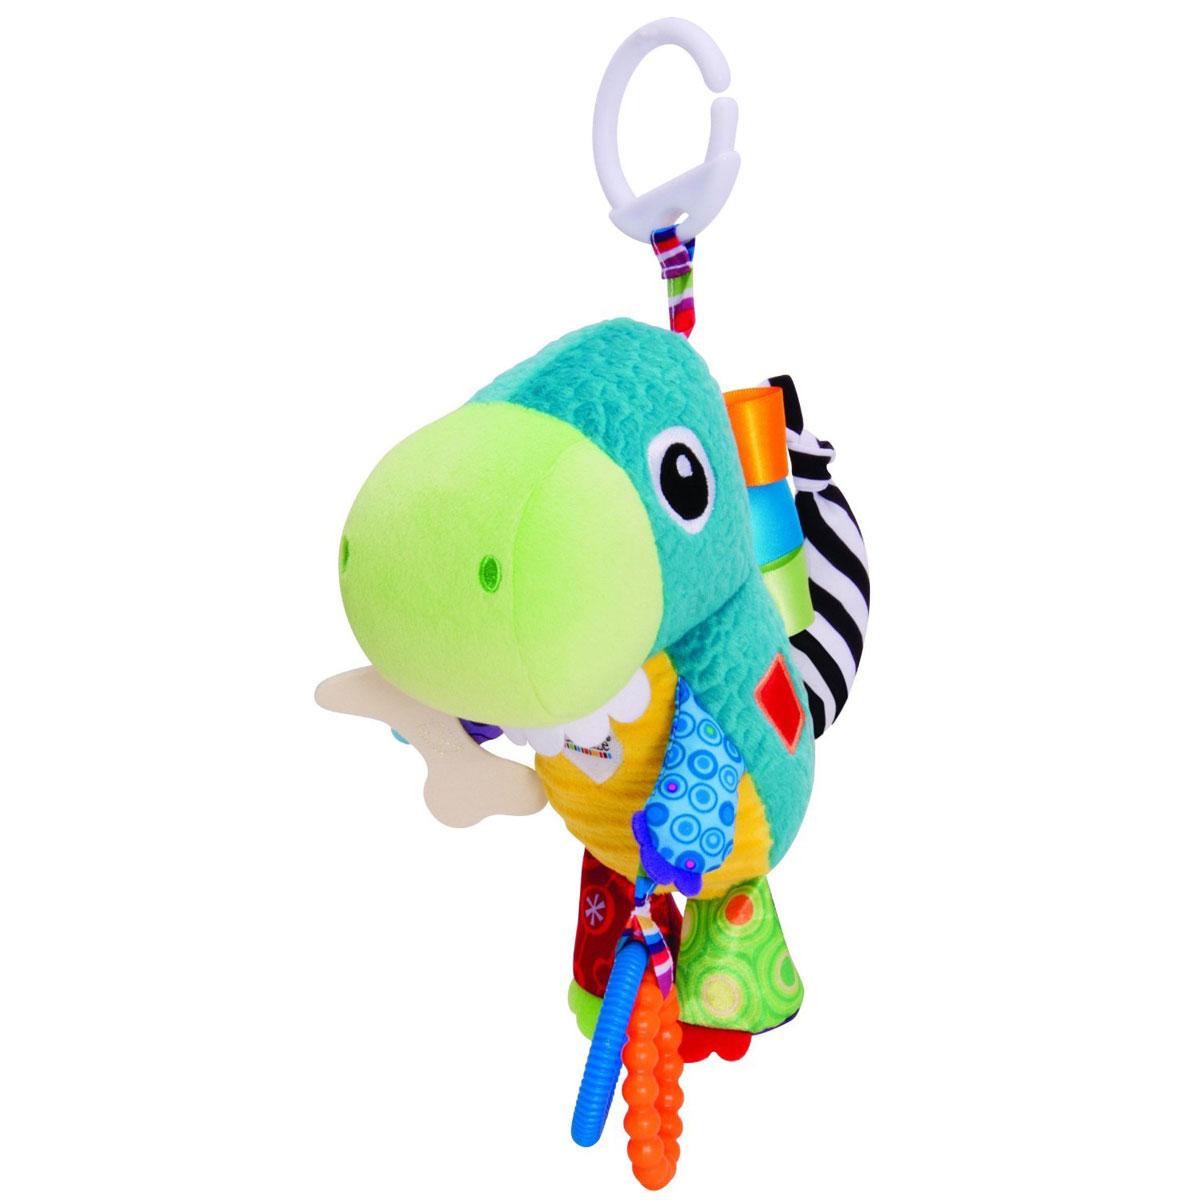 Lamaze Мягкая игрушка-подвеска Динозавр ТоринLC27552RUМягкая игрушка-подвеска Lamaze Динозавр Торин станет любимой игрушкой крохи. Выполнена из качественных и безопасных для детей материалов в виде очаровательного динозаврика. Изготовлена игрушка- подвеска из ярких разноцветных кусочков ткани, различных по своей текстуре, а также у нее множество мелких деталей, которые малыш будет с удовольствием изучать. В одной из лап динозаврика есть два колечка, которые отлично подойдут в качестве прорезывателей для зубов. Сверху к изделию крепится колечко, за которое игрушку можно подвесить на коляску или в кроватку. Мягкая игрушка-подвеска способствует развитию мелкой моторики, тактильных ощущений, стимулирует цветовосприятие и учит концентрировать внимание.